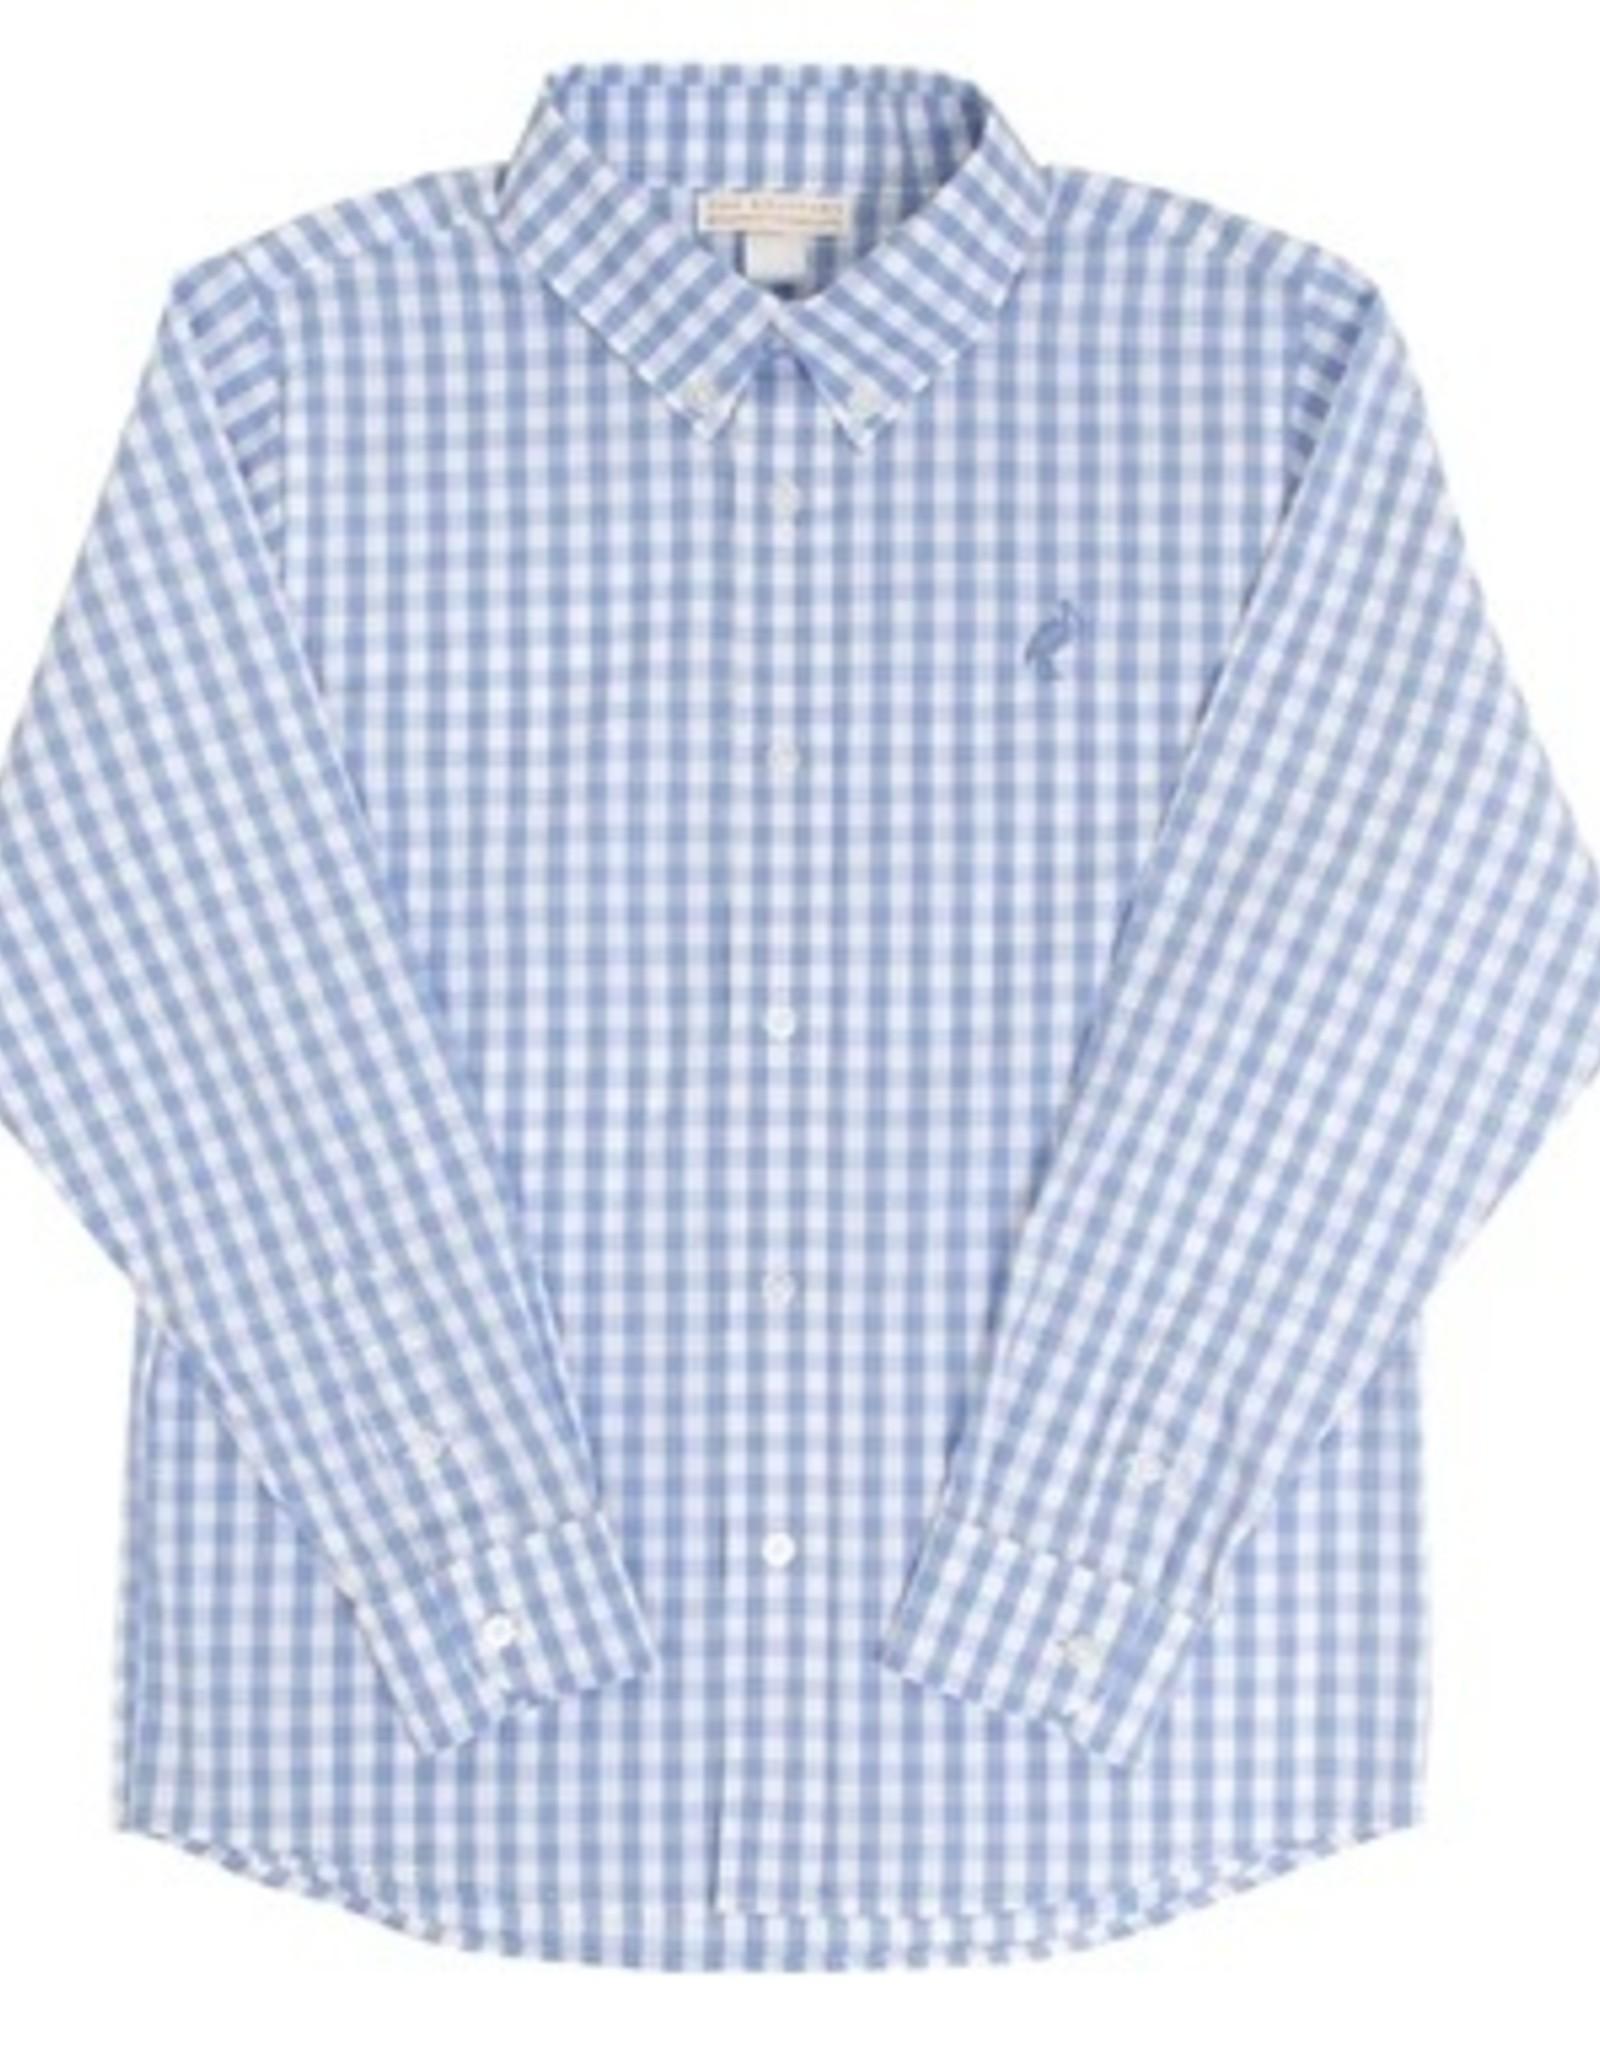 The Beaufort Bonnet Company Dean's List Dress Shirt